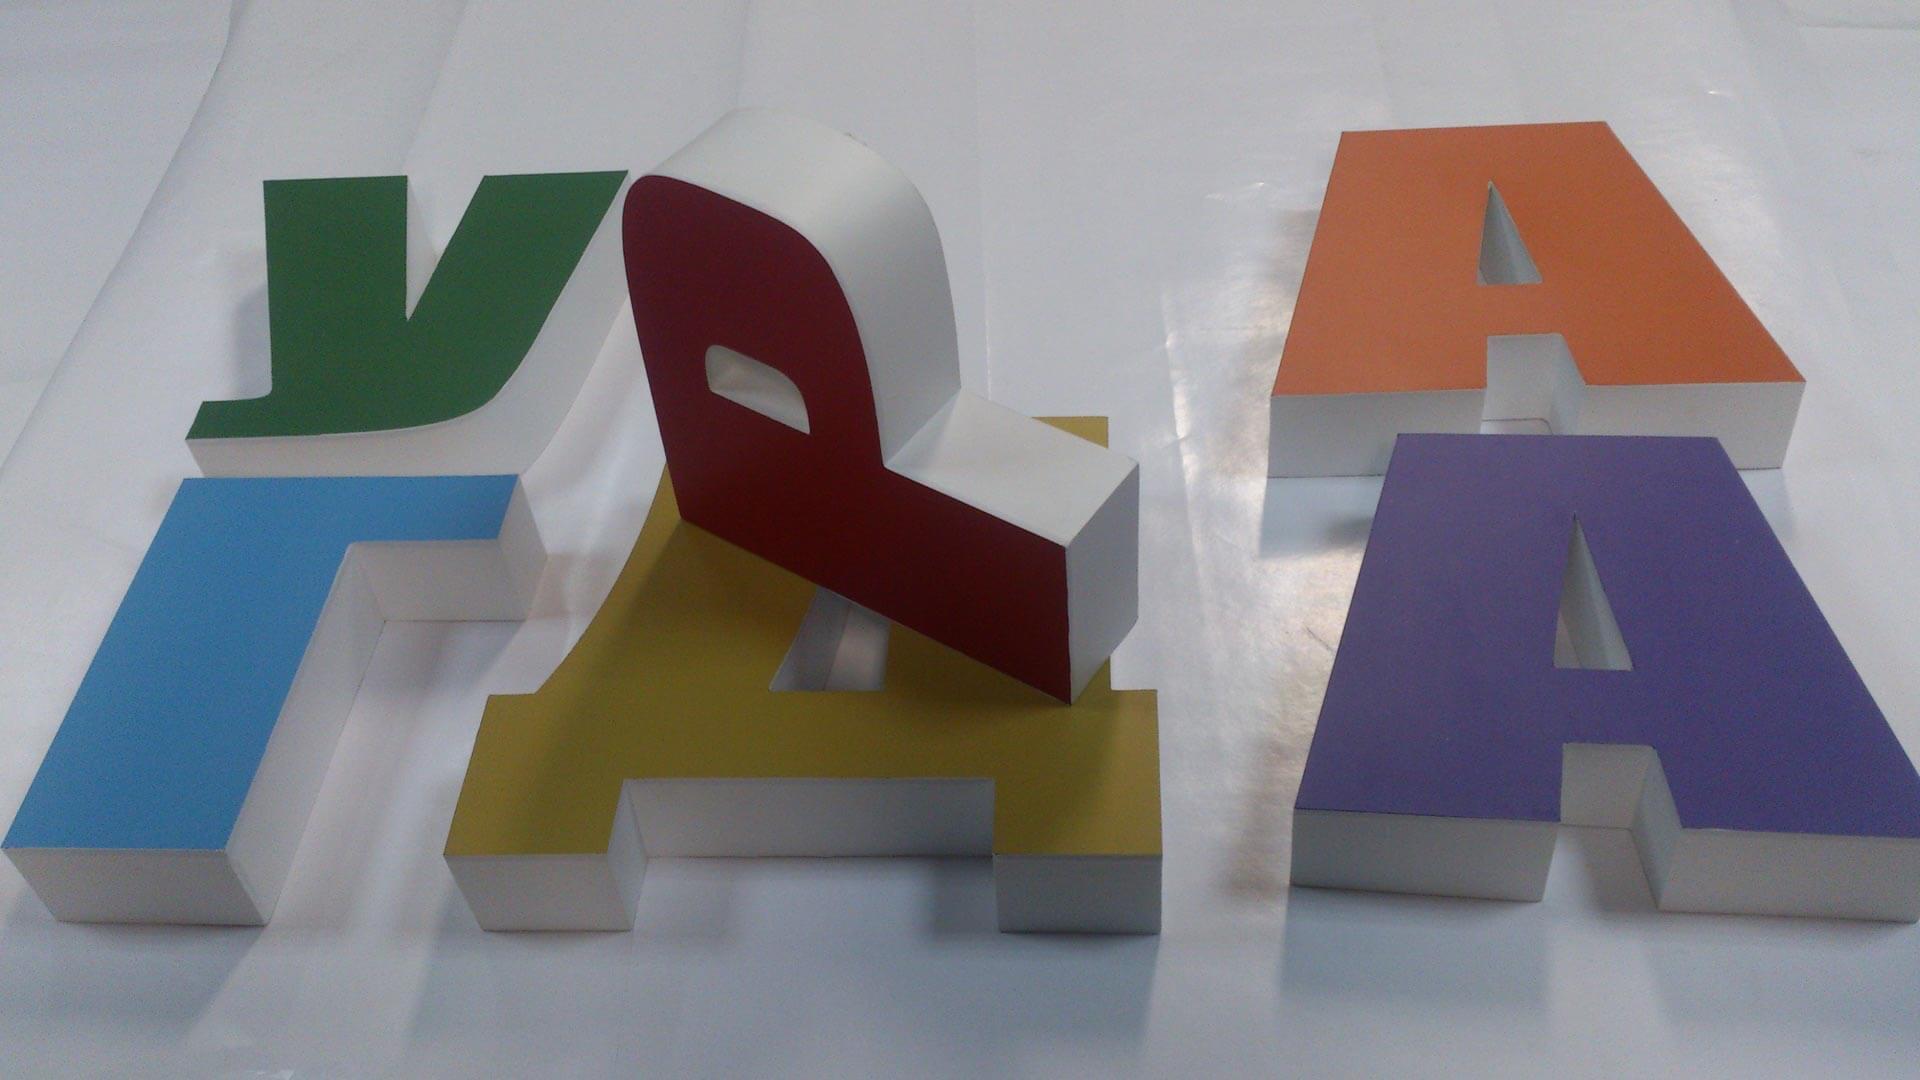 Объемные световые буквы своими руками для рекламной вывески